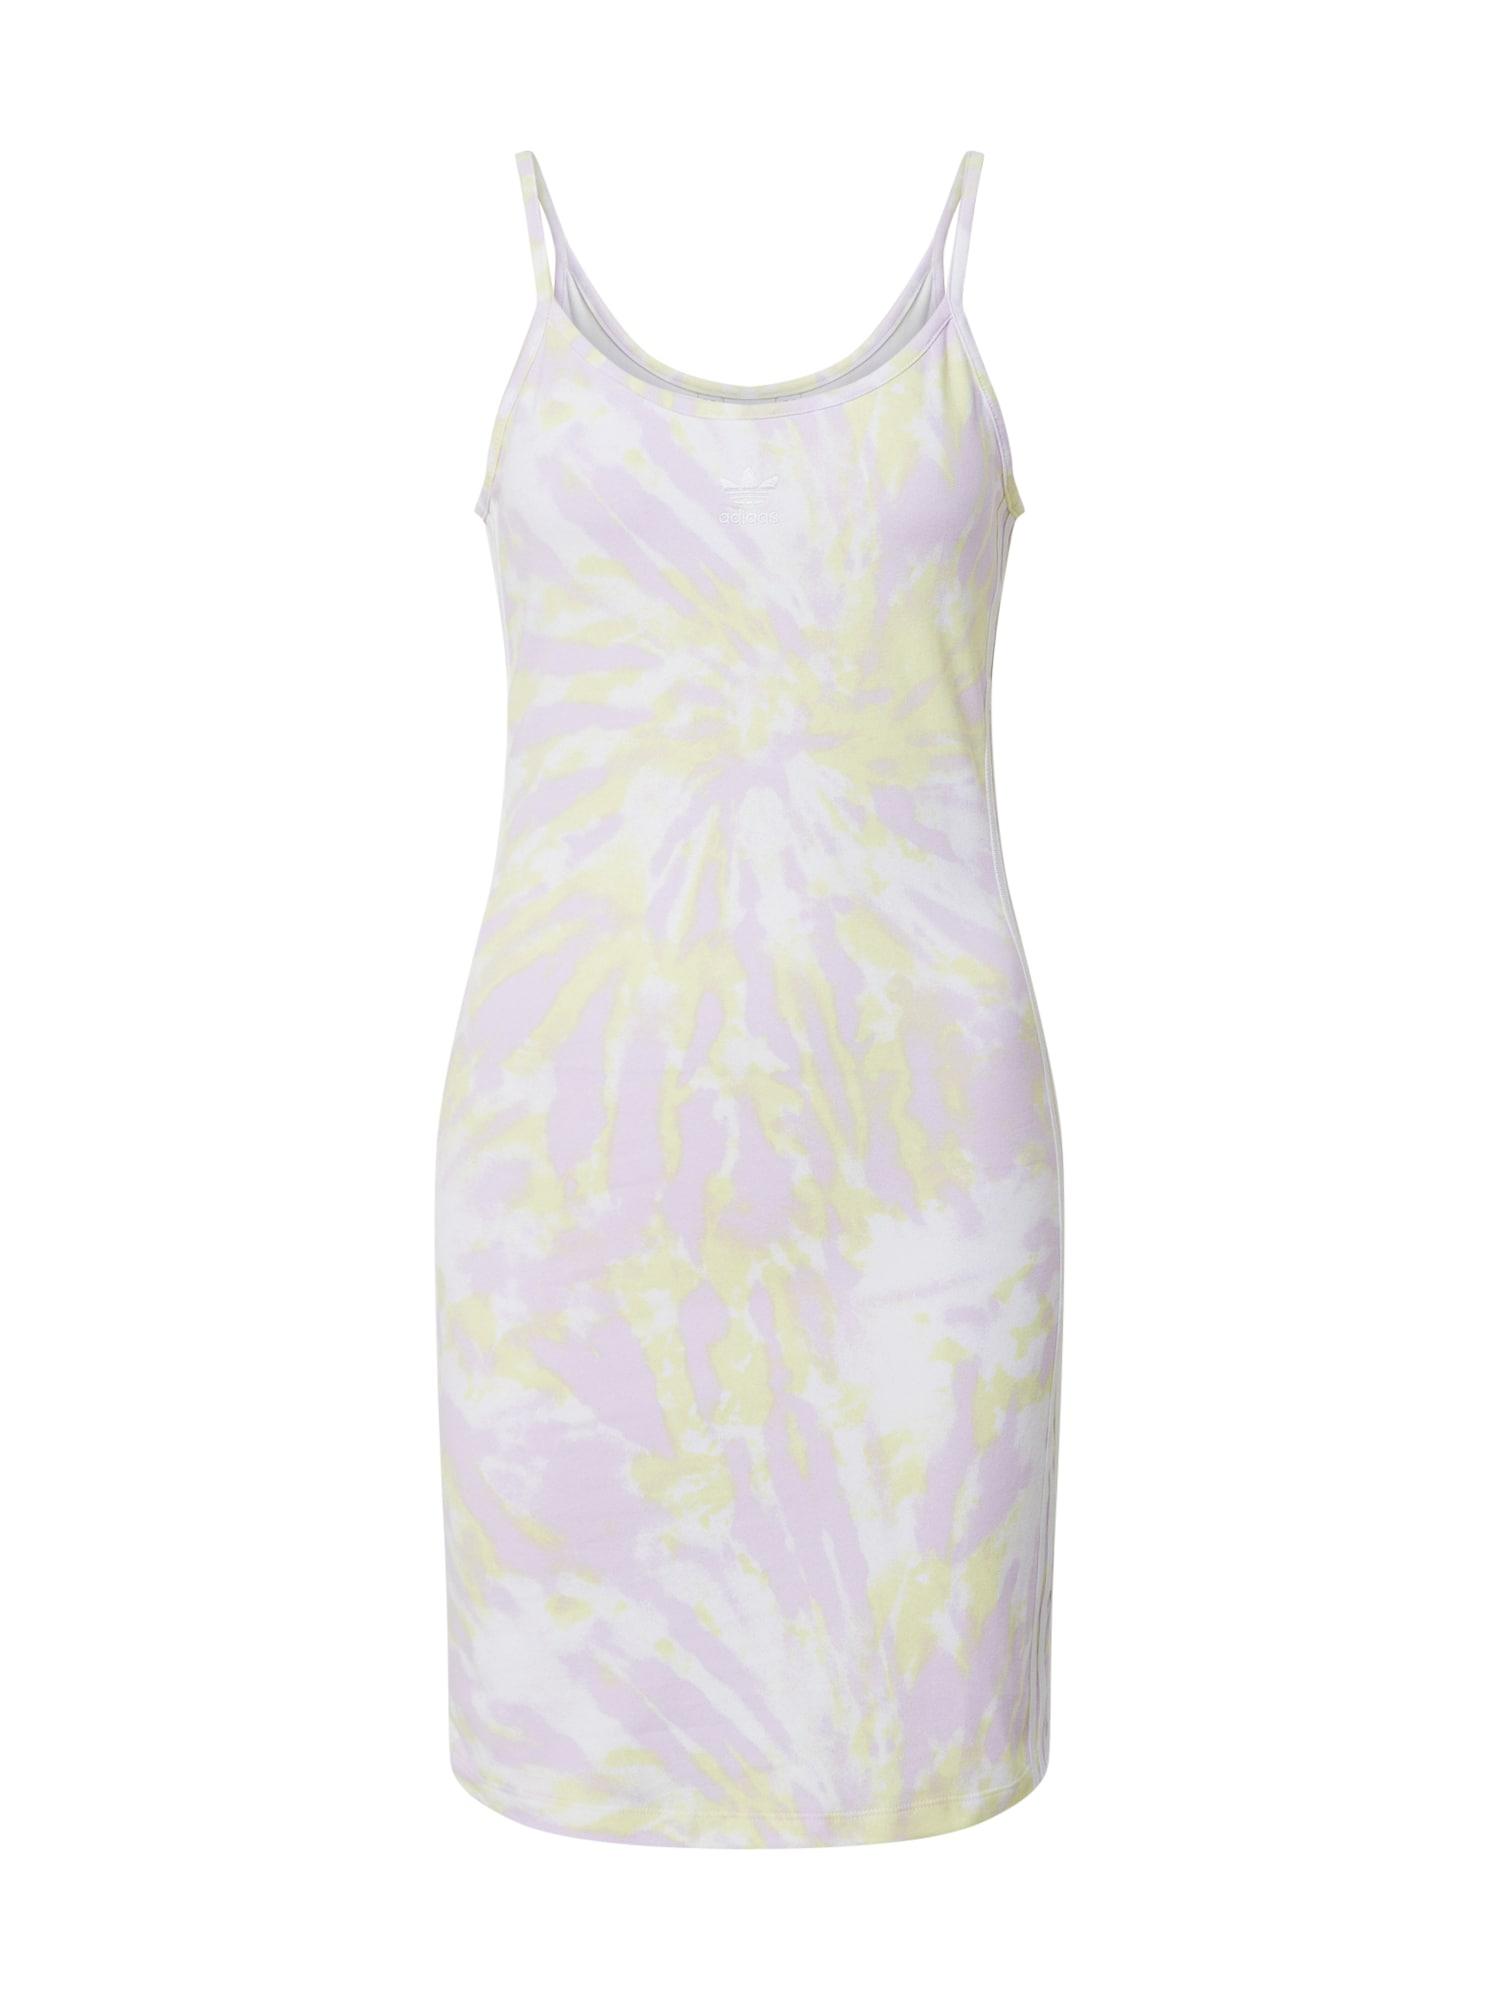 ADIDAS ORIGINALS Suknelė balkšva / pastelinė violetinė / pastelinė geltona